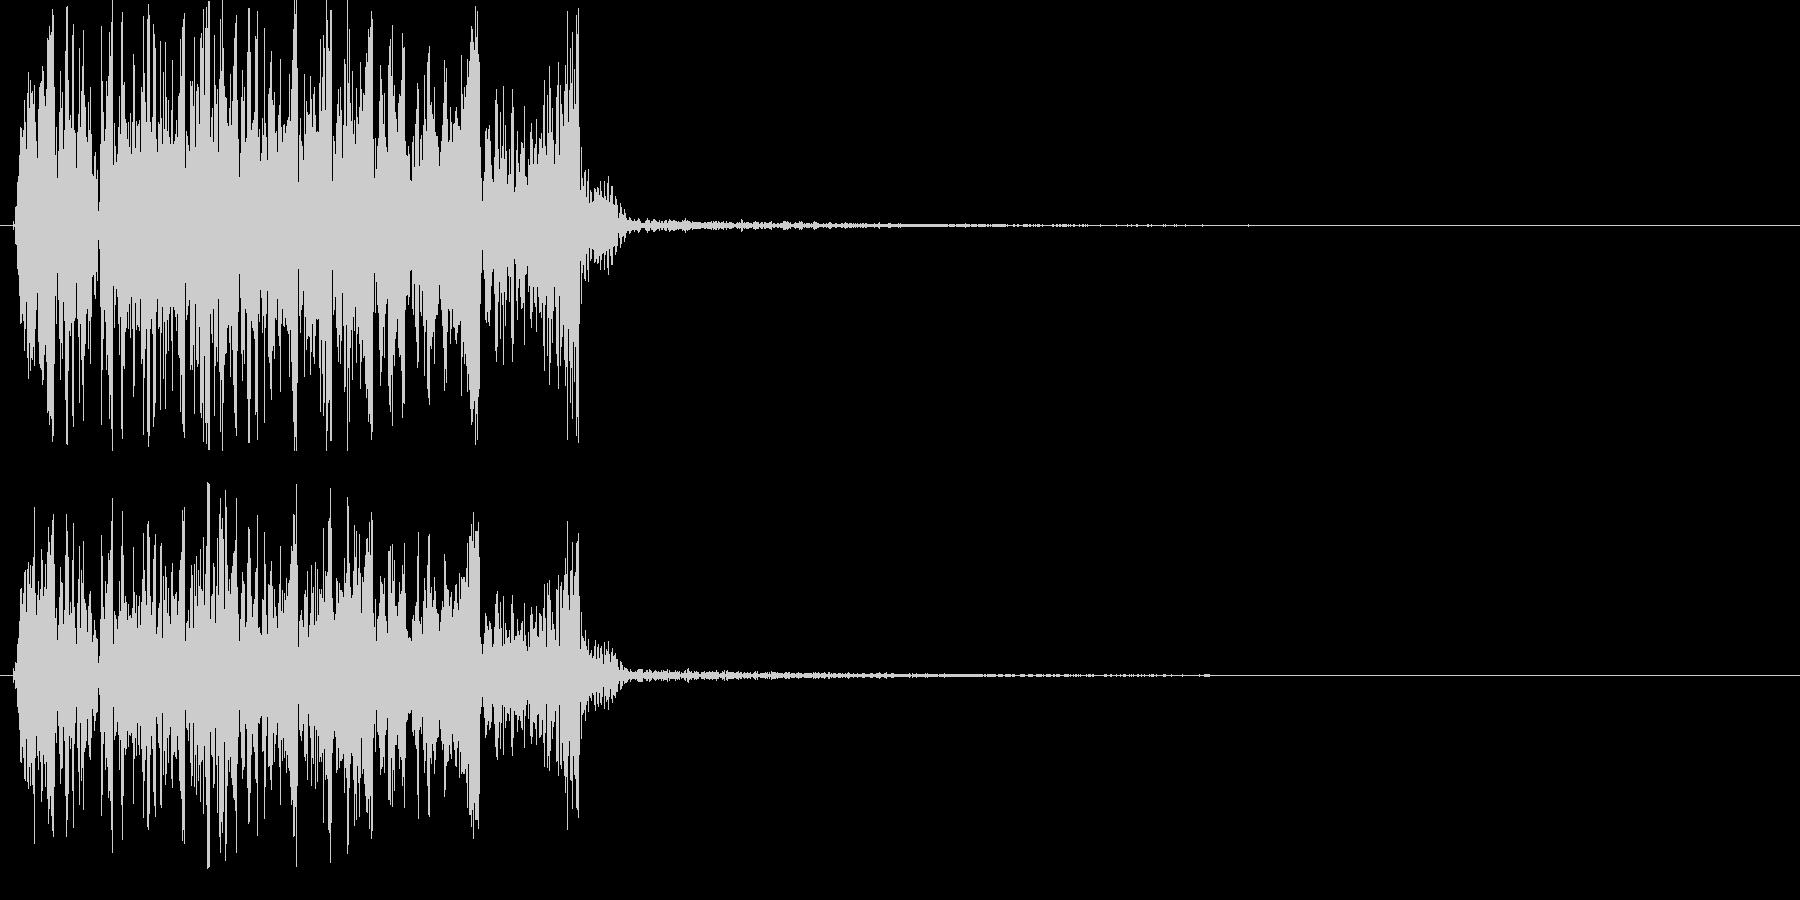 DJがレコードを素早く巻き戻した音の未再生の波形